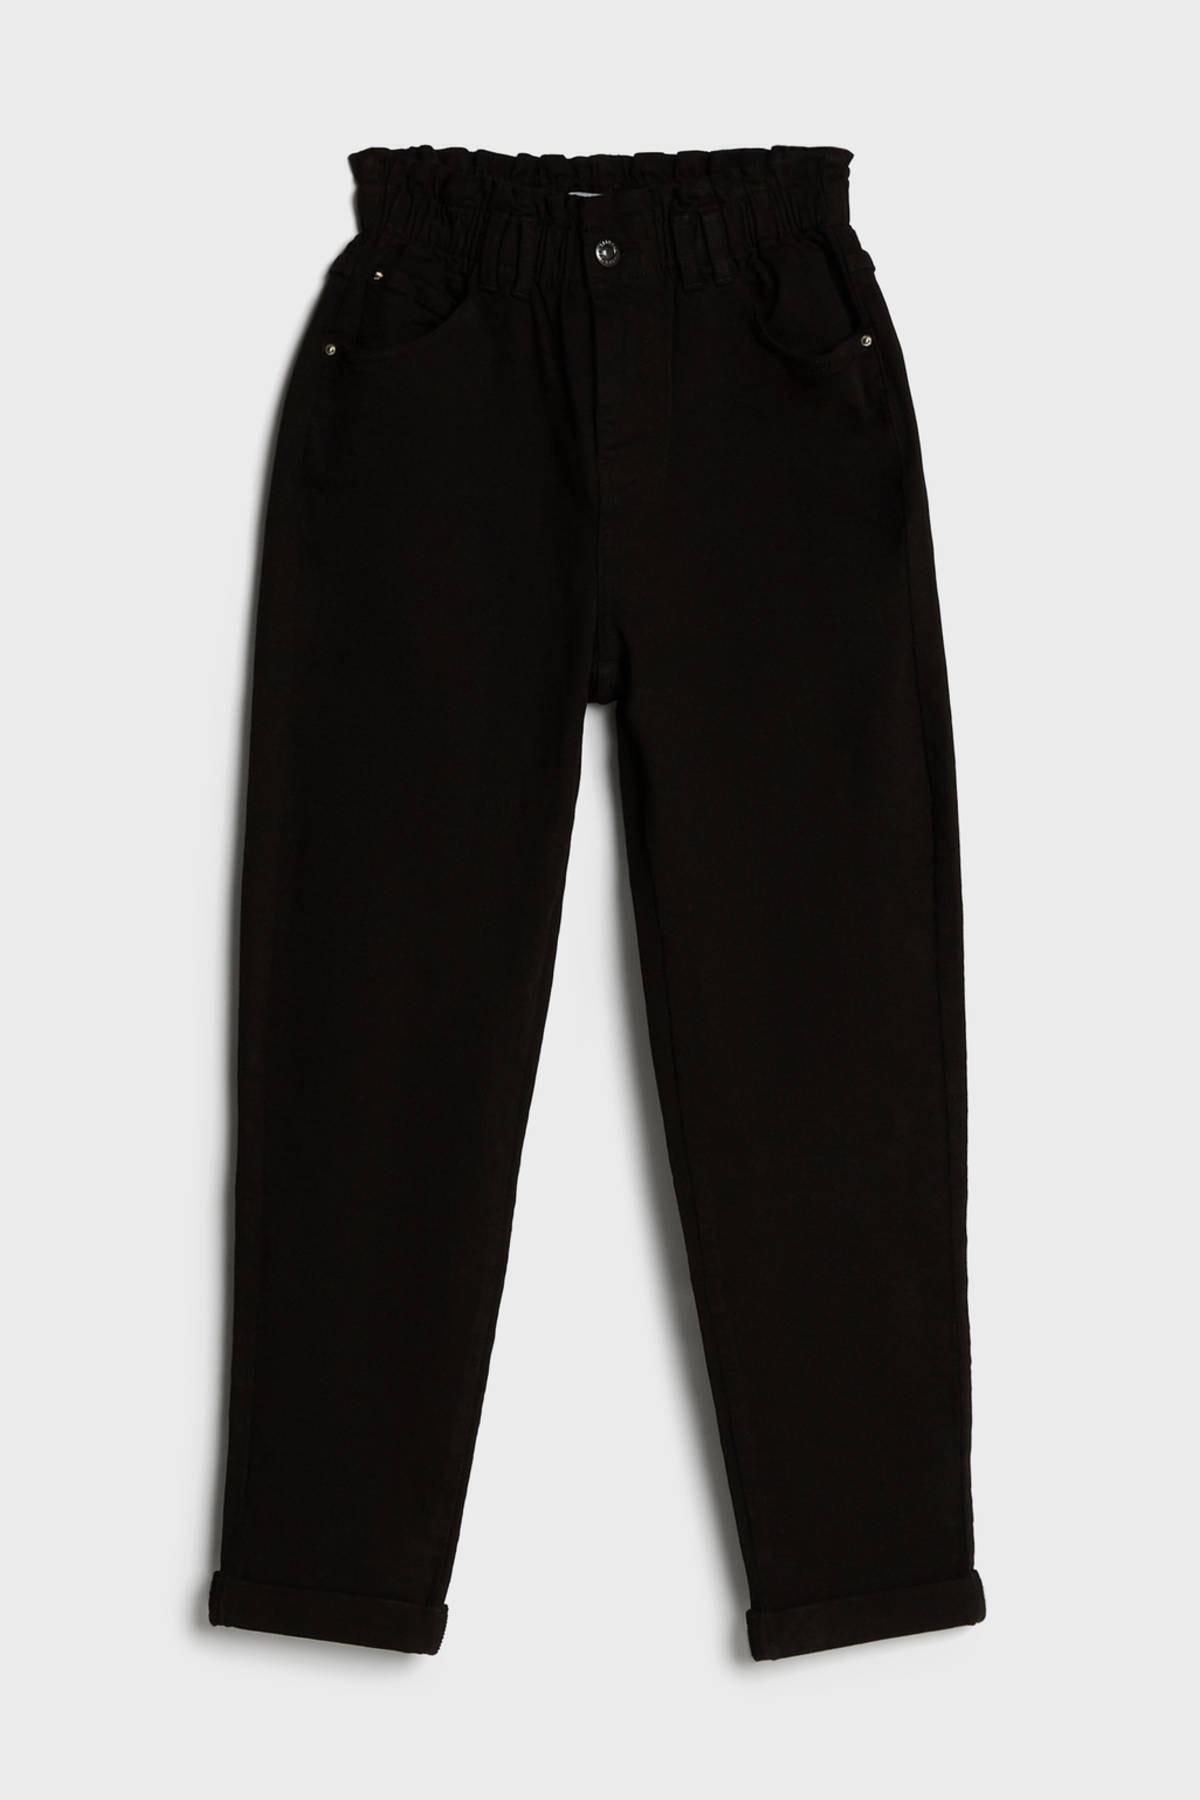 Bershka Kadın Siyah Elastik Belli Pantolon 2